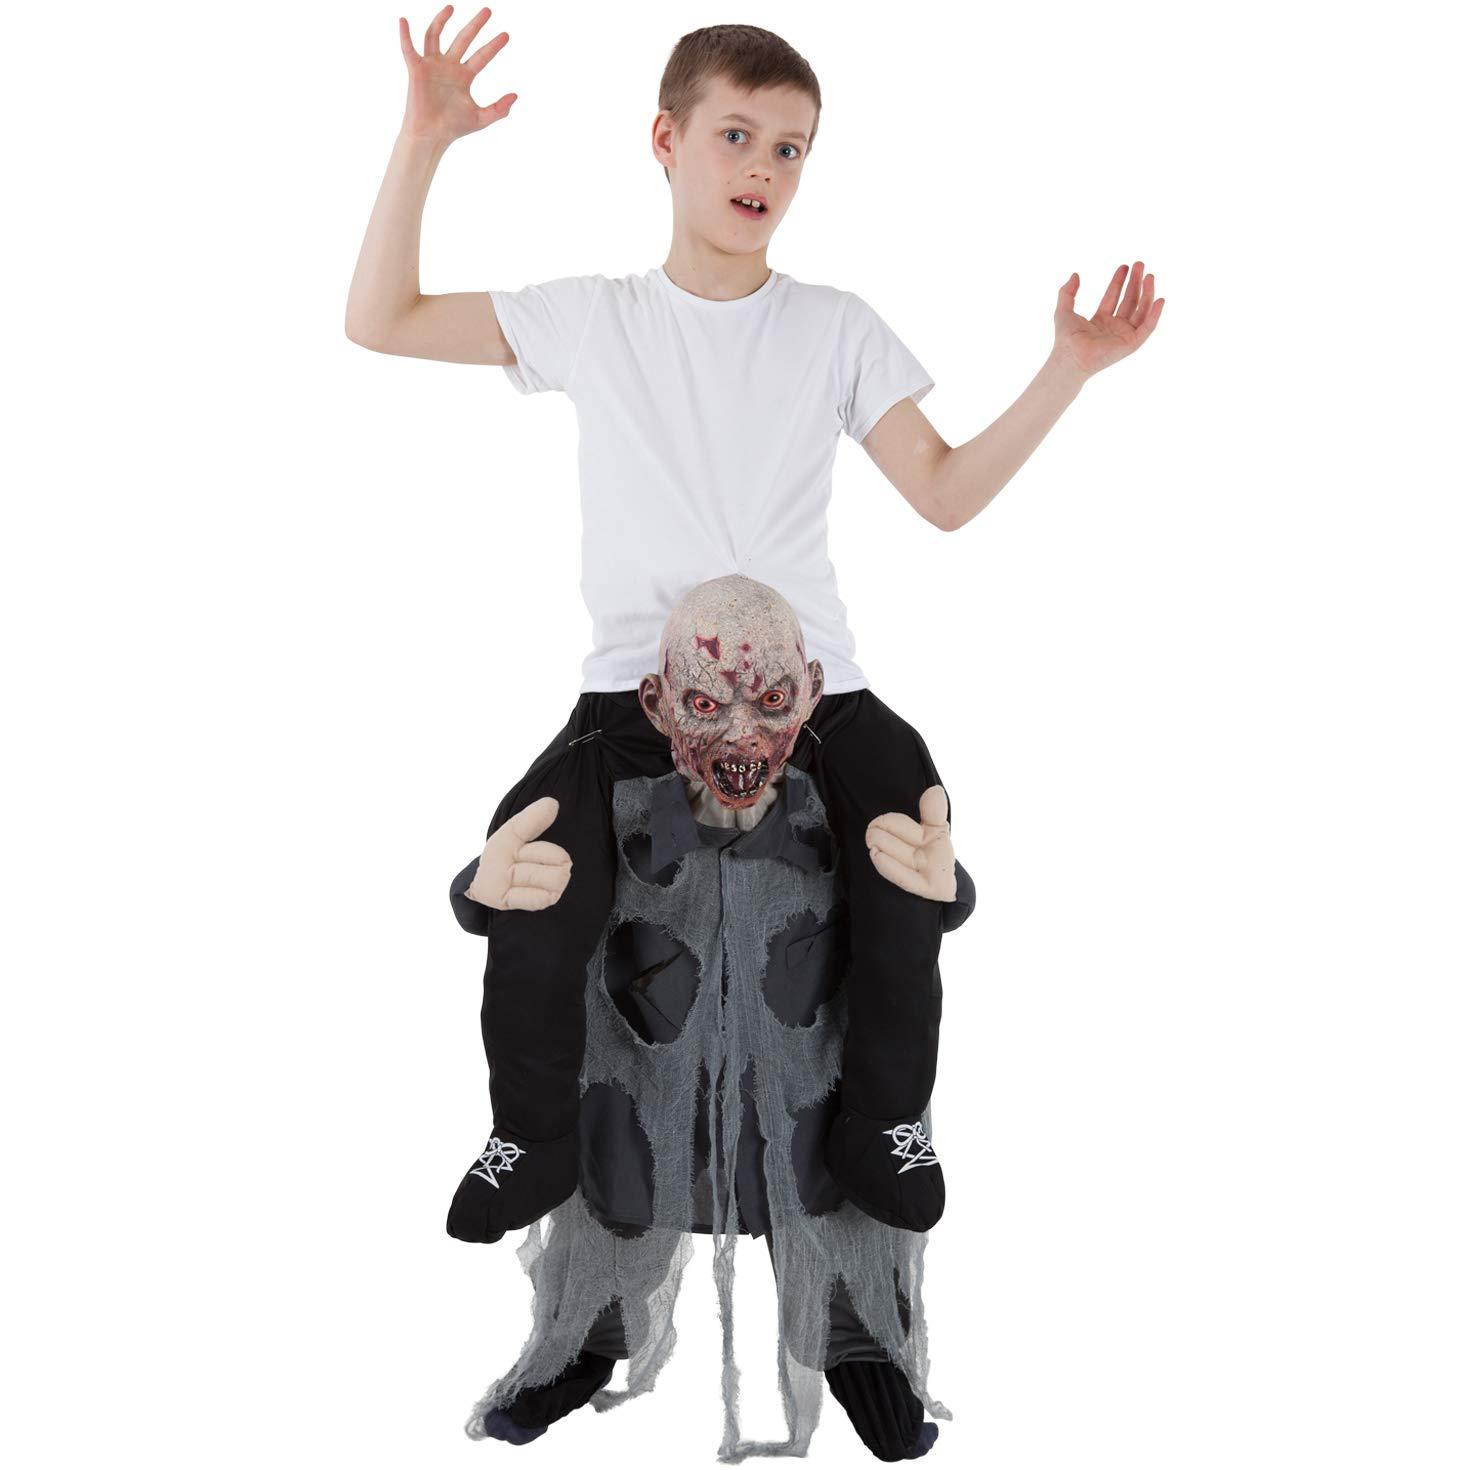 Morph Piggyback Kids Costume Ragazzi, Zombie, Taglia Unica MCKPBZO